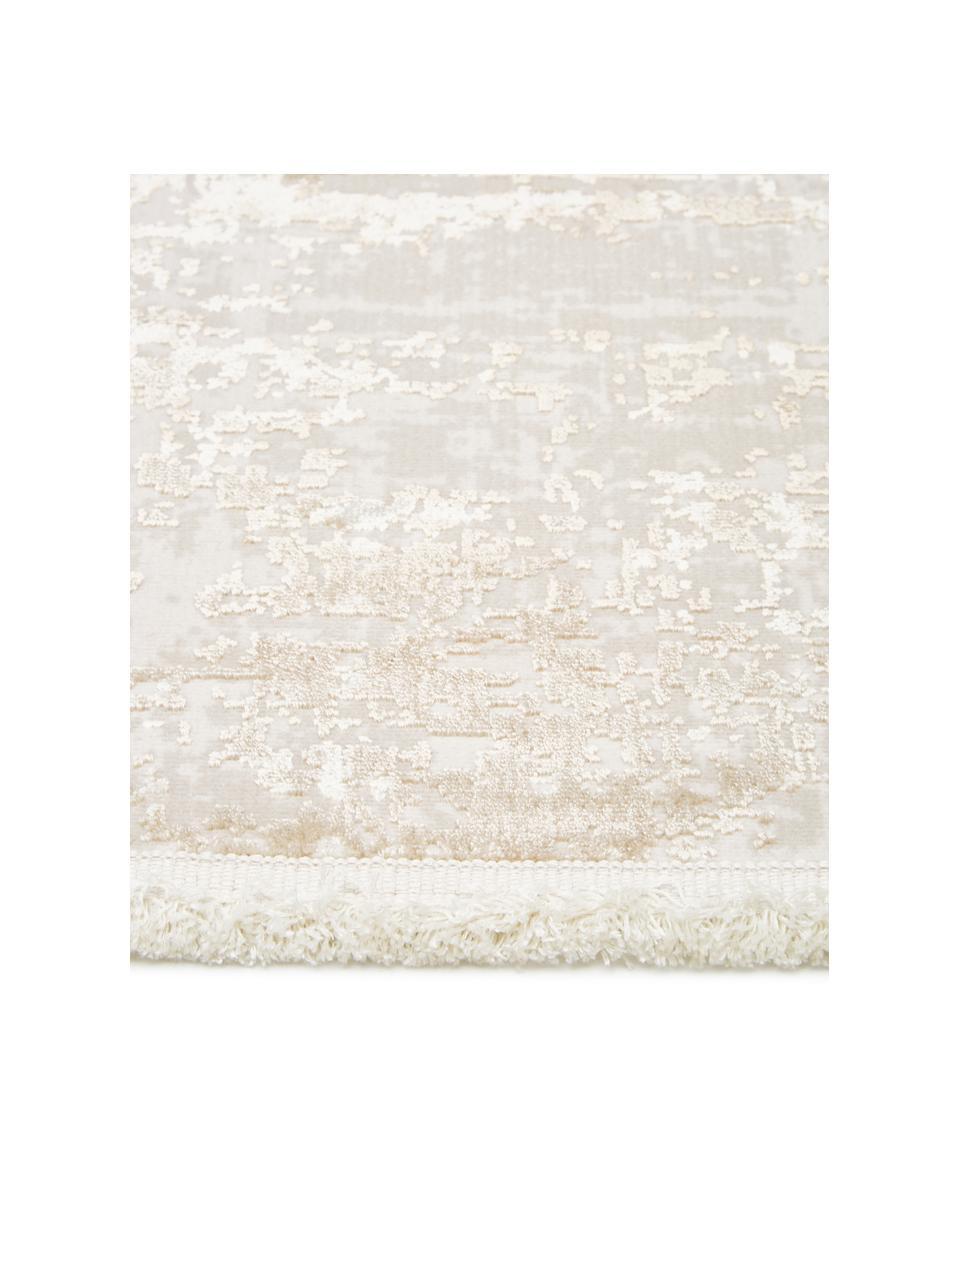 Glanzend vloerkleed Cordoba in beigetinten met franjes, vintage stijl, Bovenzijde: 70% acryl, 30% viscose, Onderzijde: 100% katoen, Beigetinten, B 240 x L 340 cm (Maat XL)